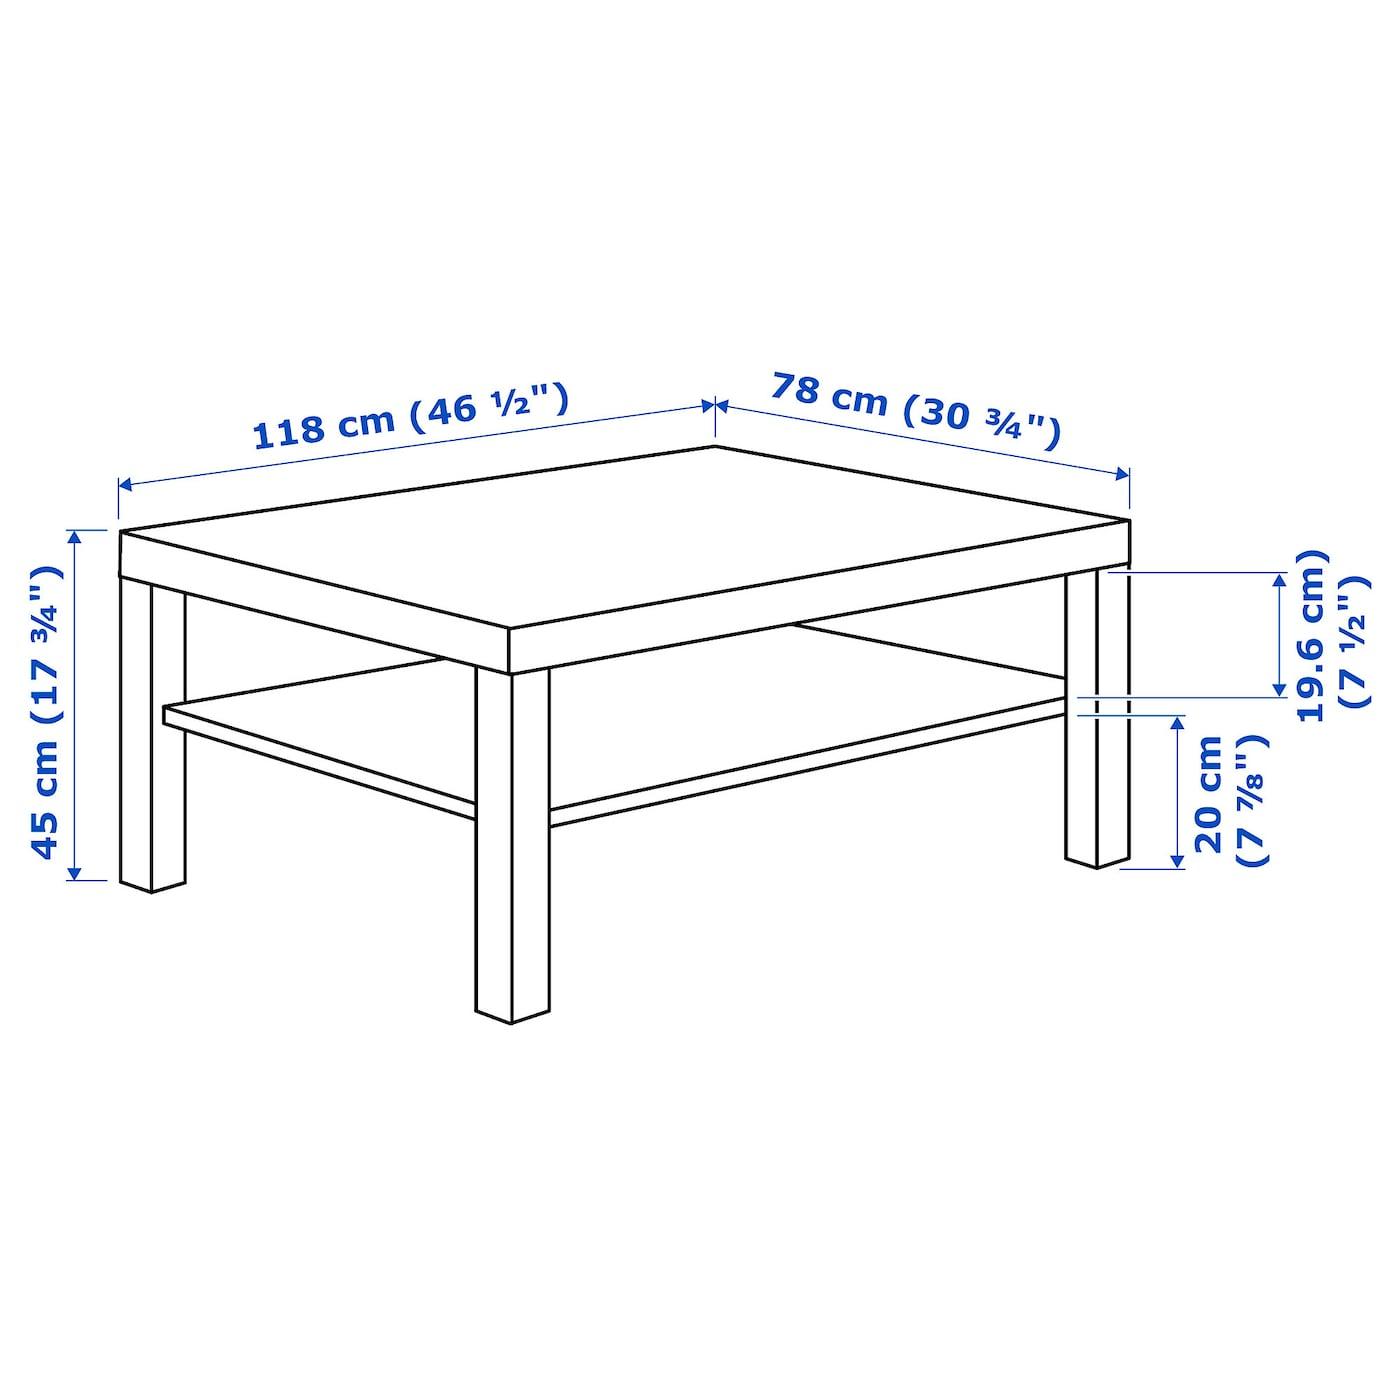 Lack Coffee Table Oak Effect 118x78 Cm Ikea Ireland [ 1400 x 1400 Pixel ]